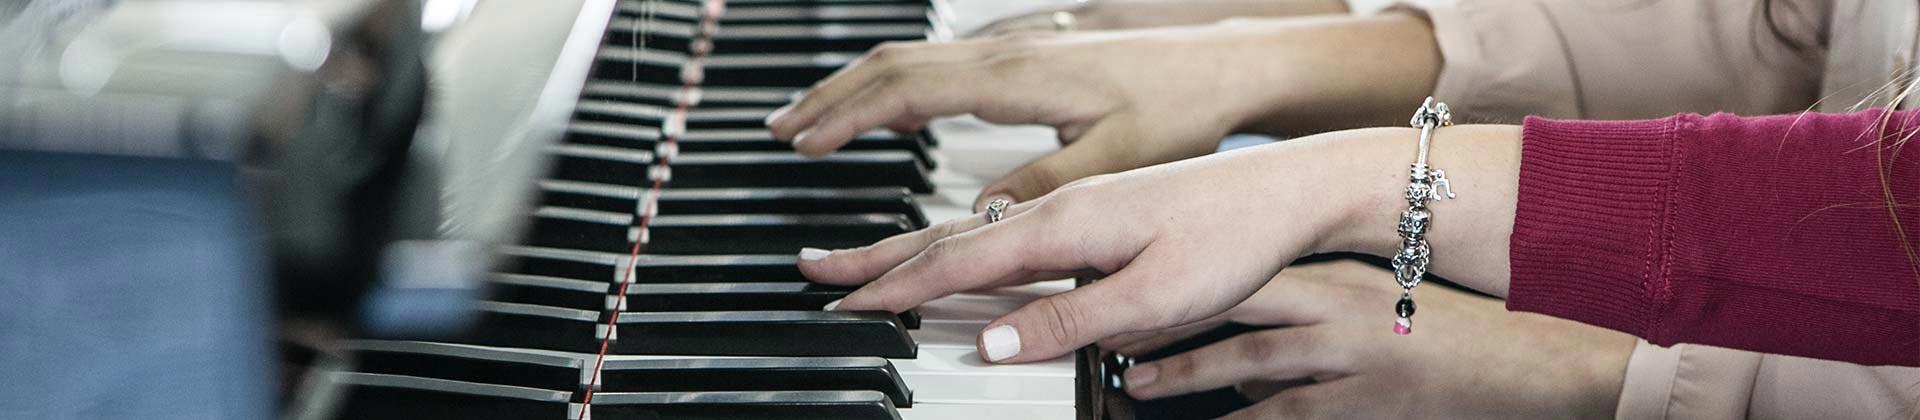 הפקולטה לחינוך מוזיקלי